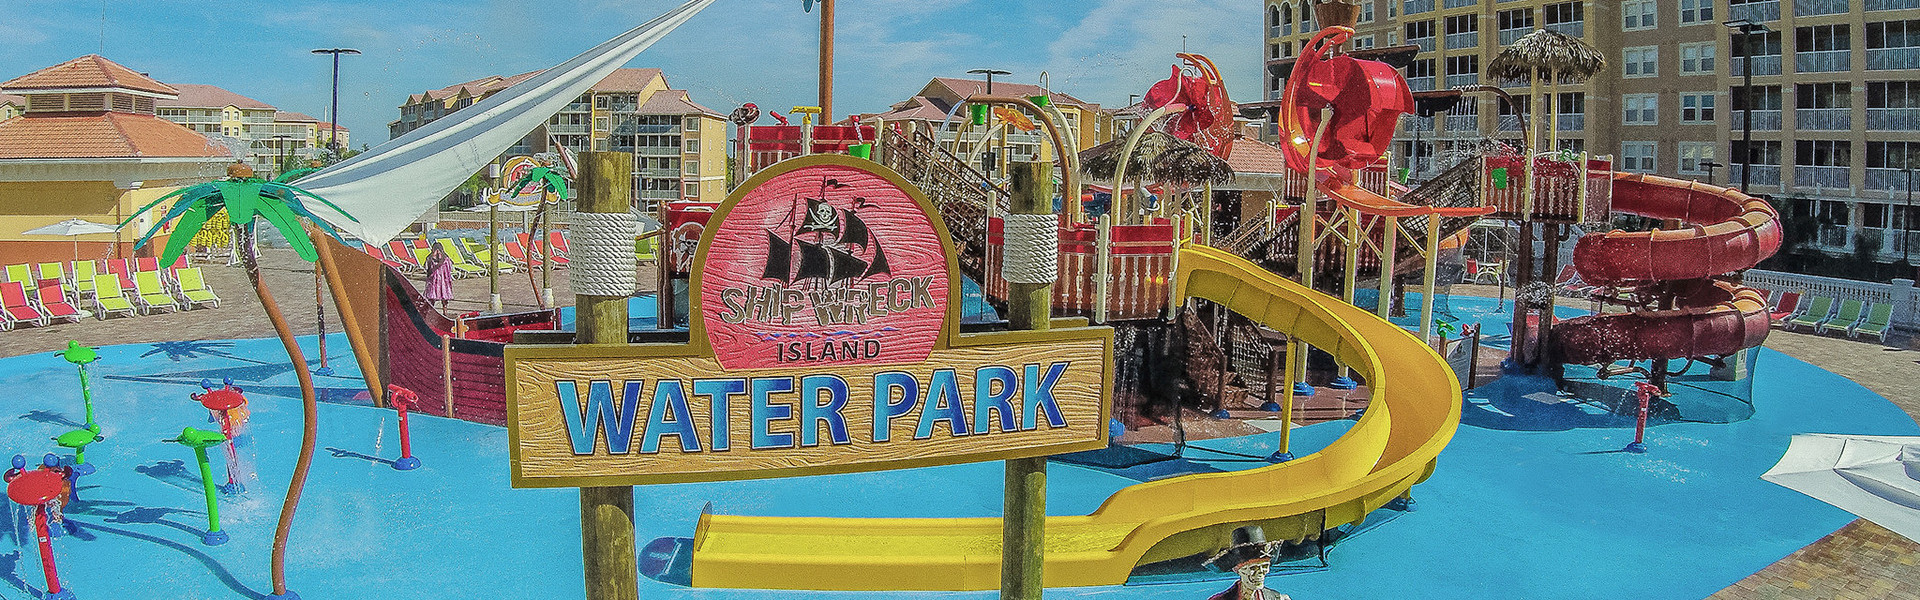 Ship Wreck Island Water Park | Westgate Vacation Villas Resort & Spa in Orlando Florida